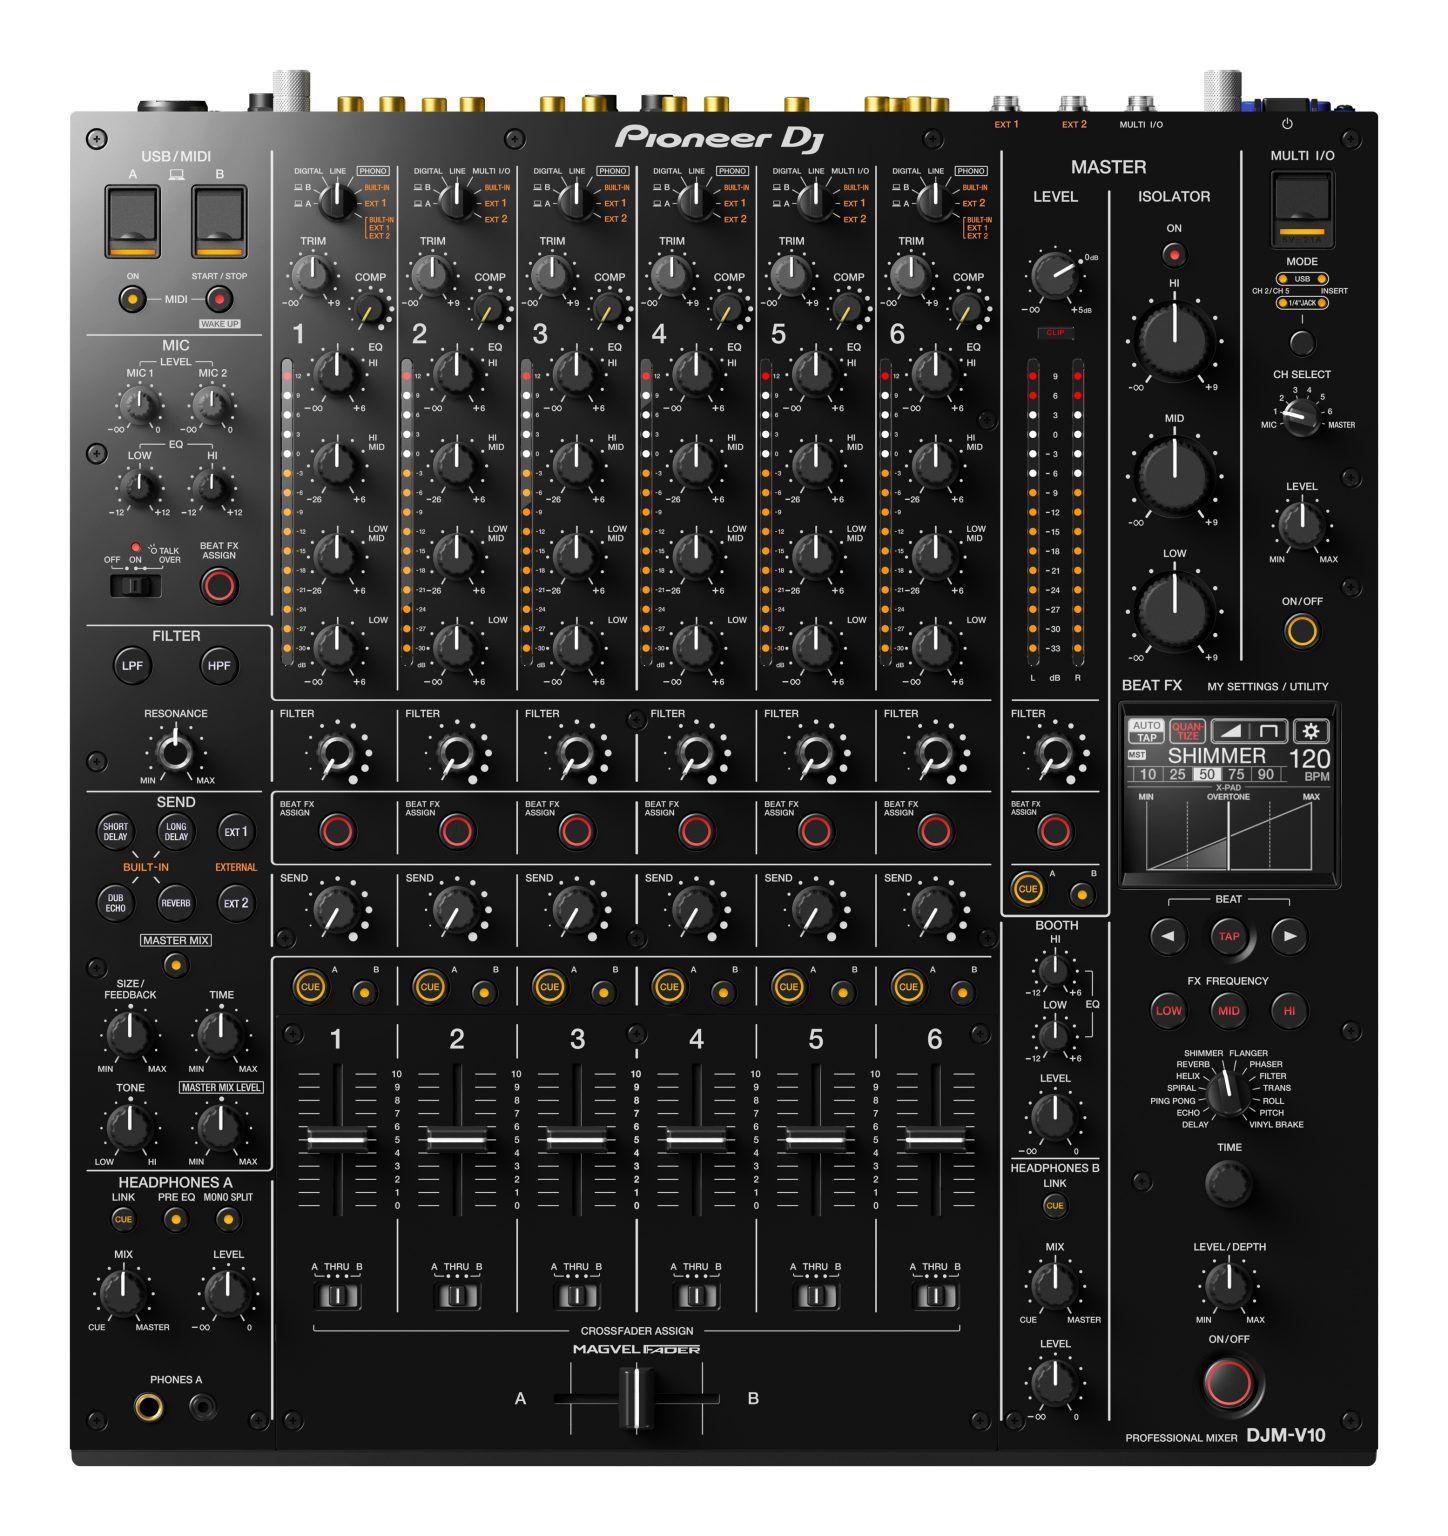 Tiên phong DJ ra mắt mới 6Bộ trộn kênh, DJM-V10